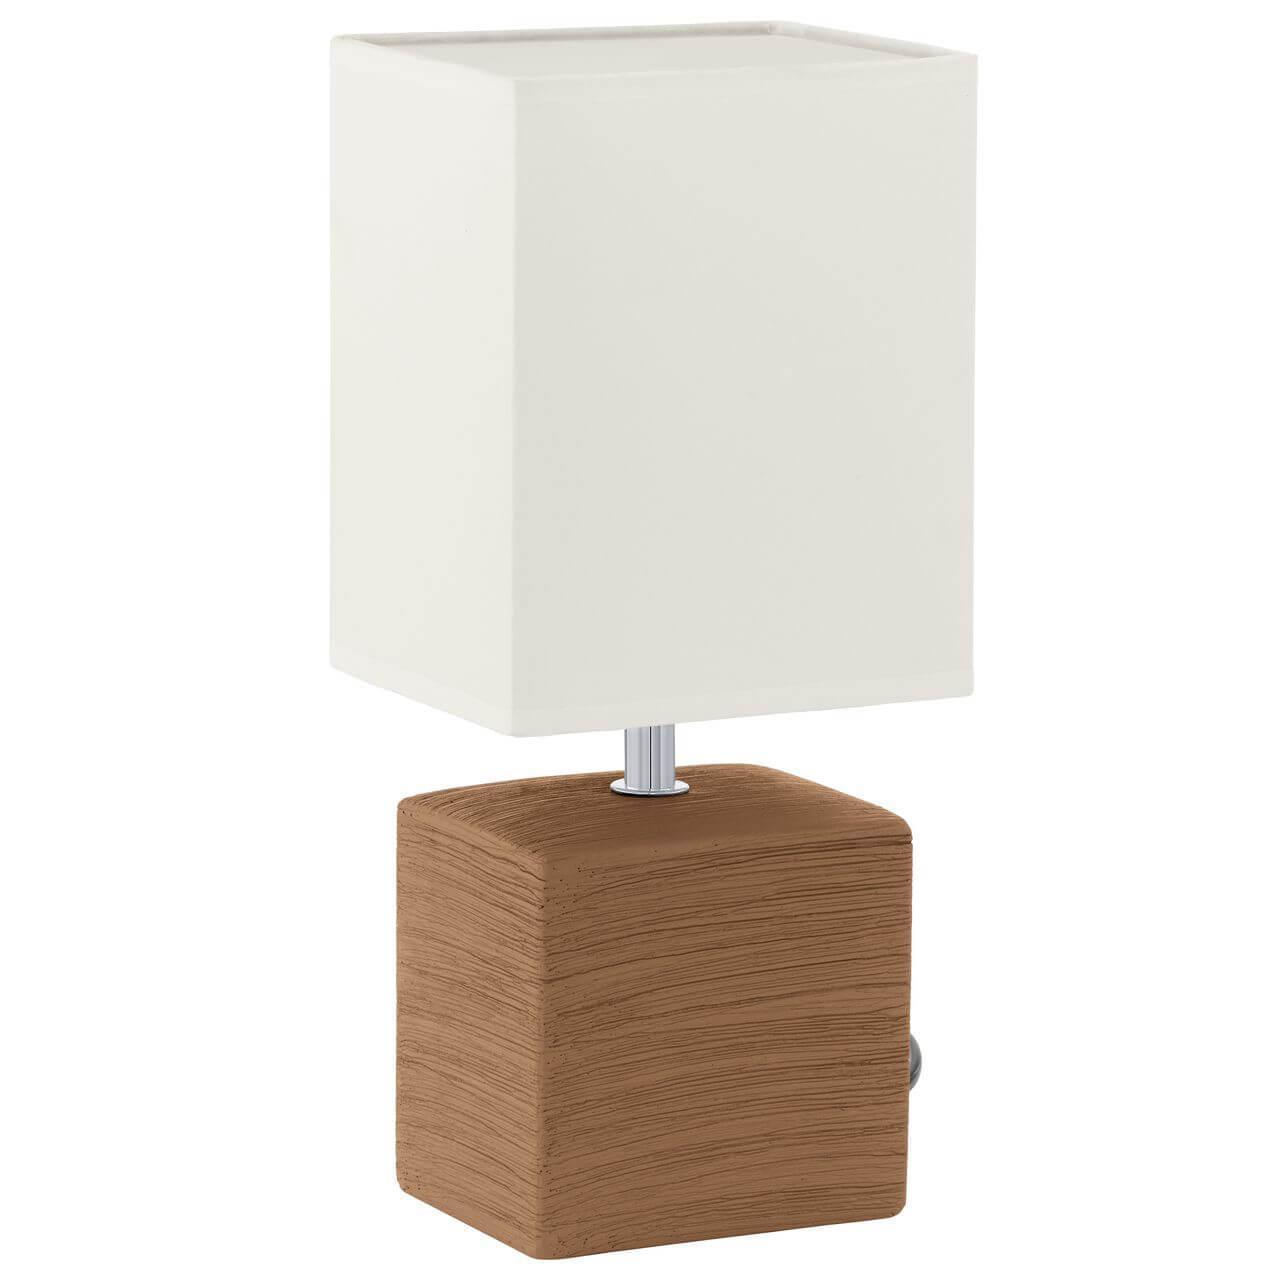 Настольный светильник Eglo 93045, E14, 40 Вт цена